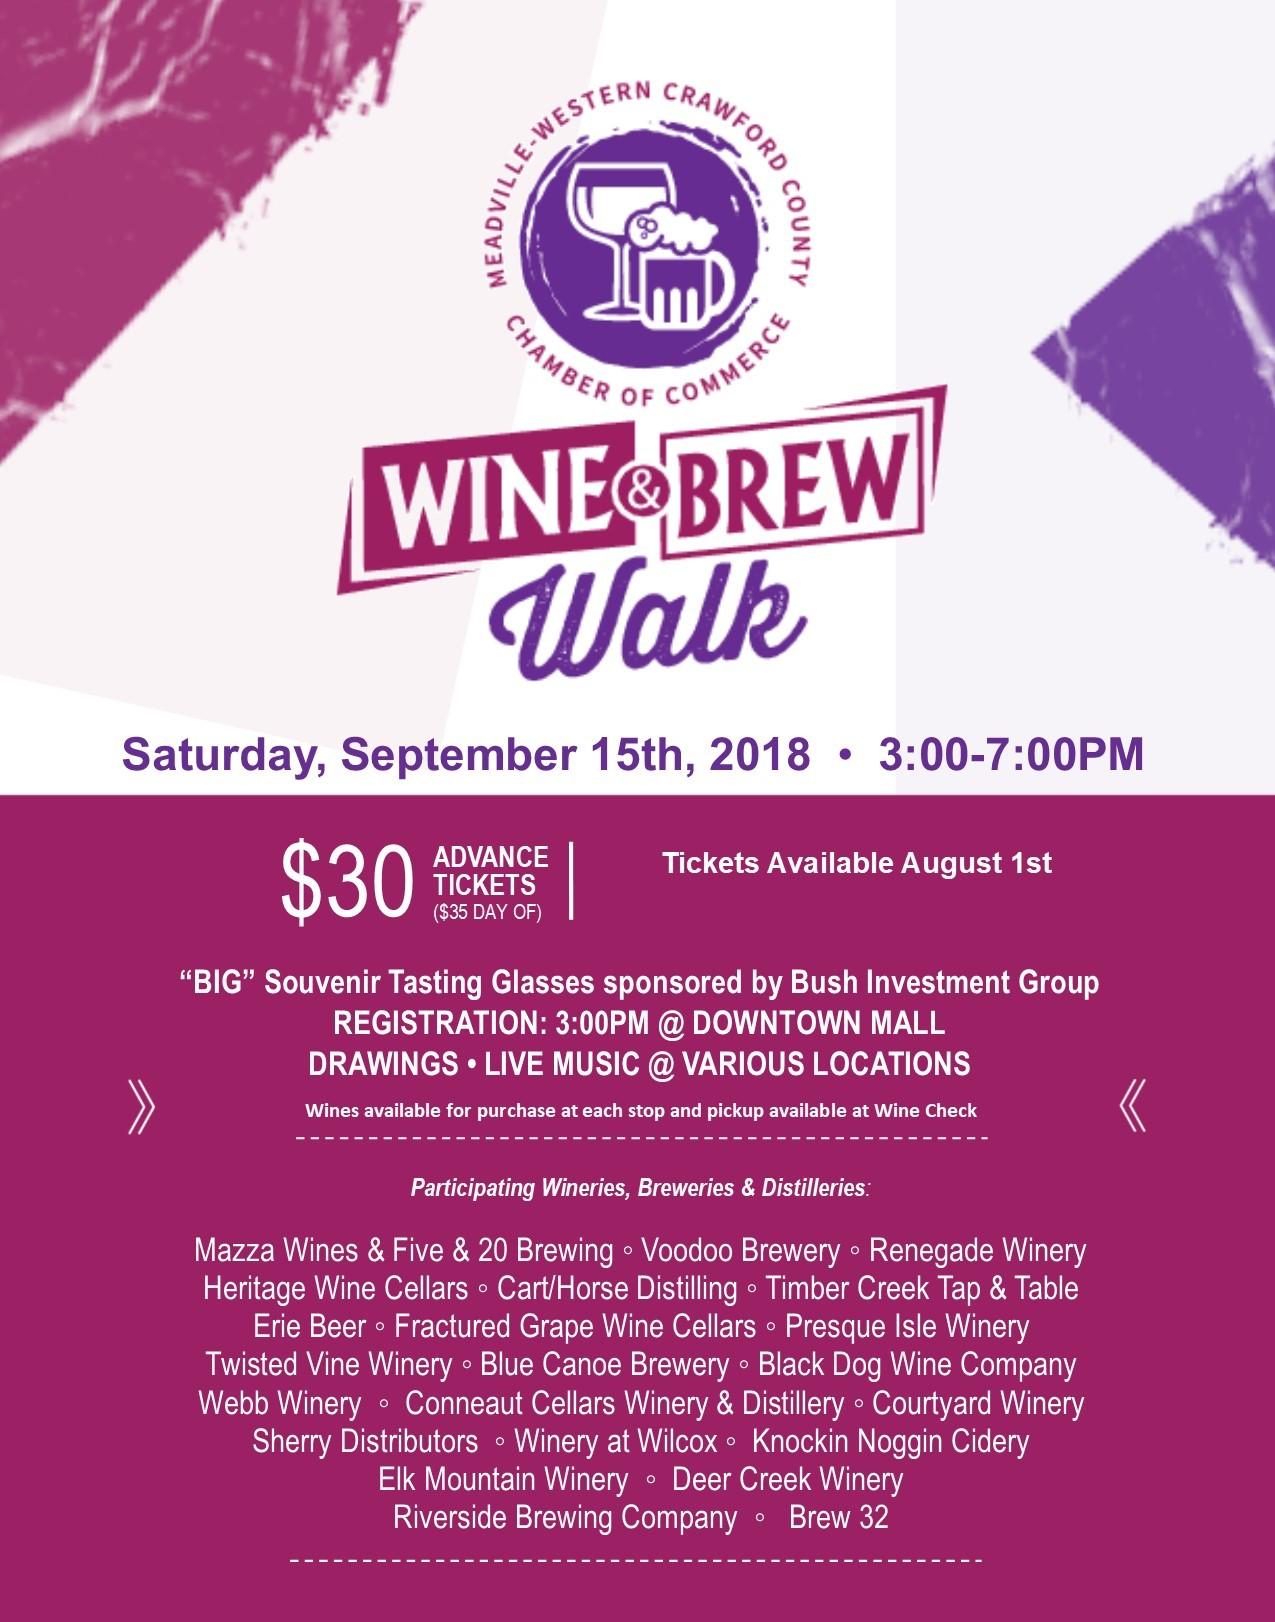 Wine-Brew-Walk-2018